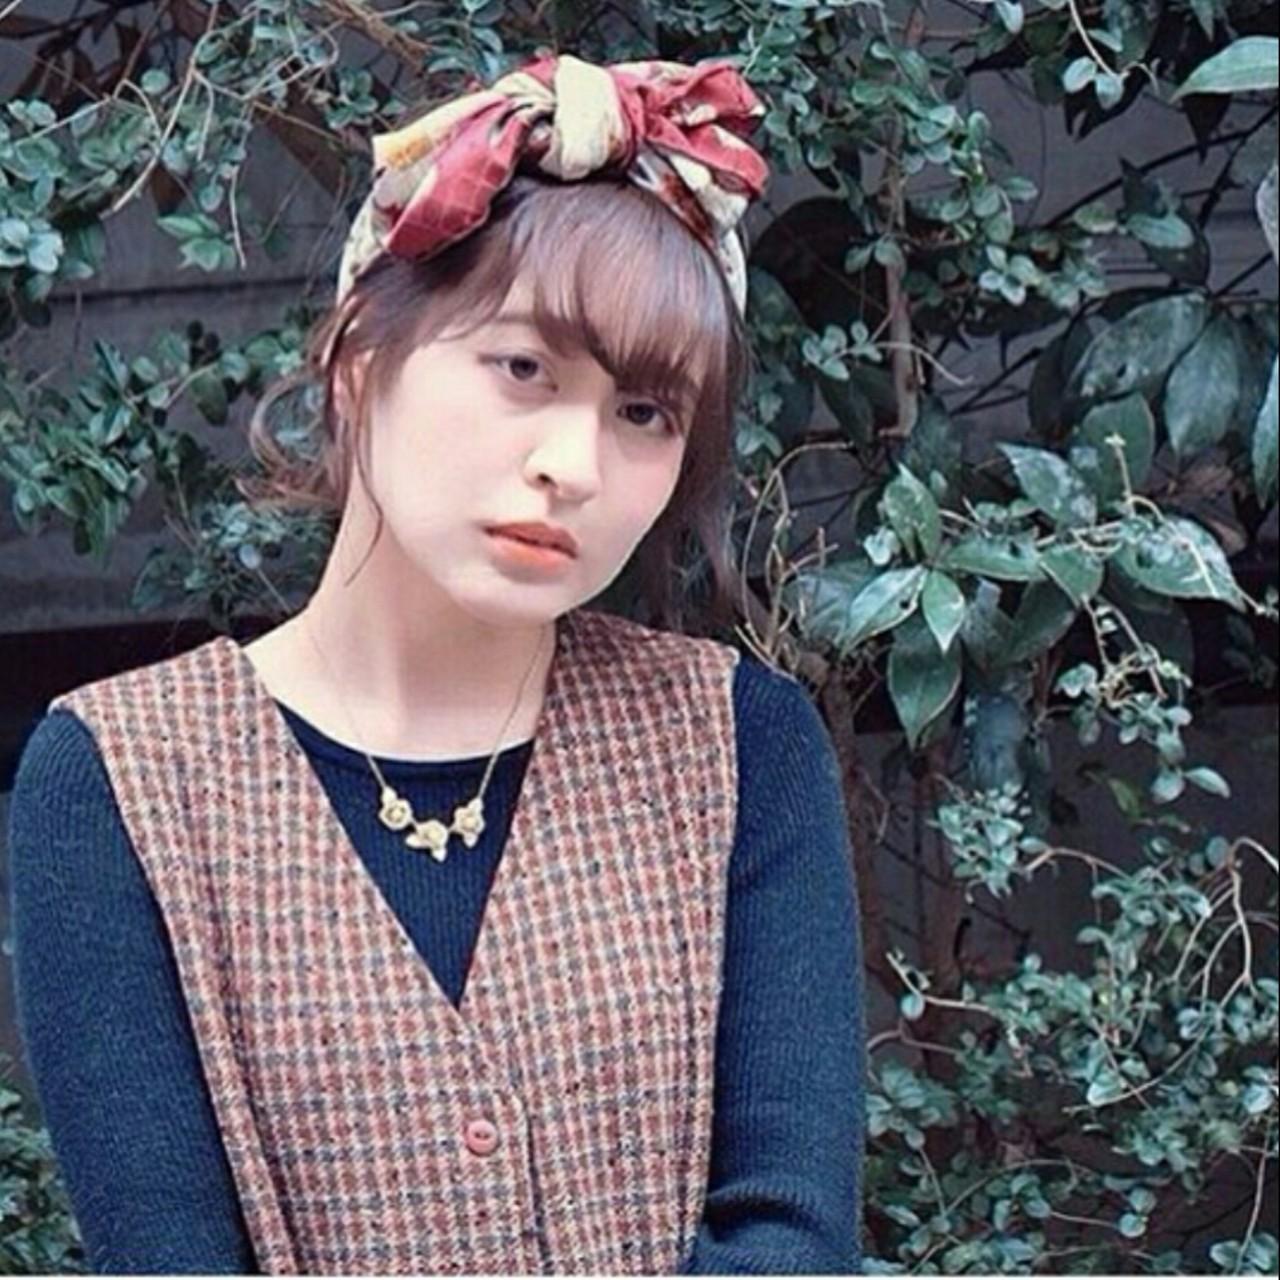 レトロが流行ってる今だから。絶対挑戦したくなるスカーフアレンジ! miharu